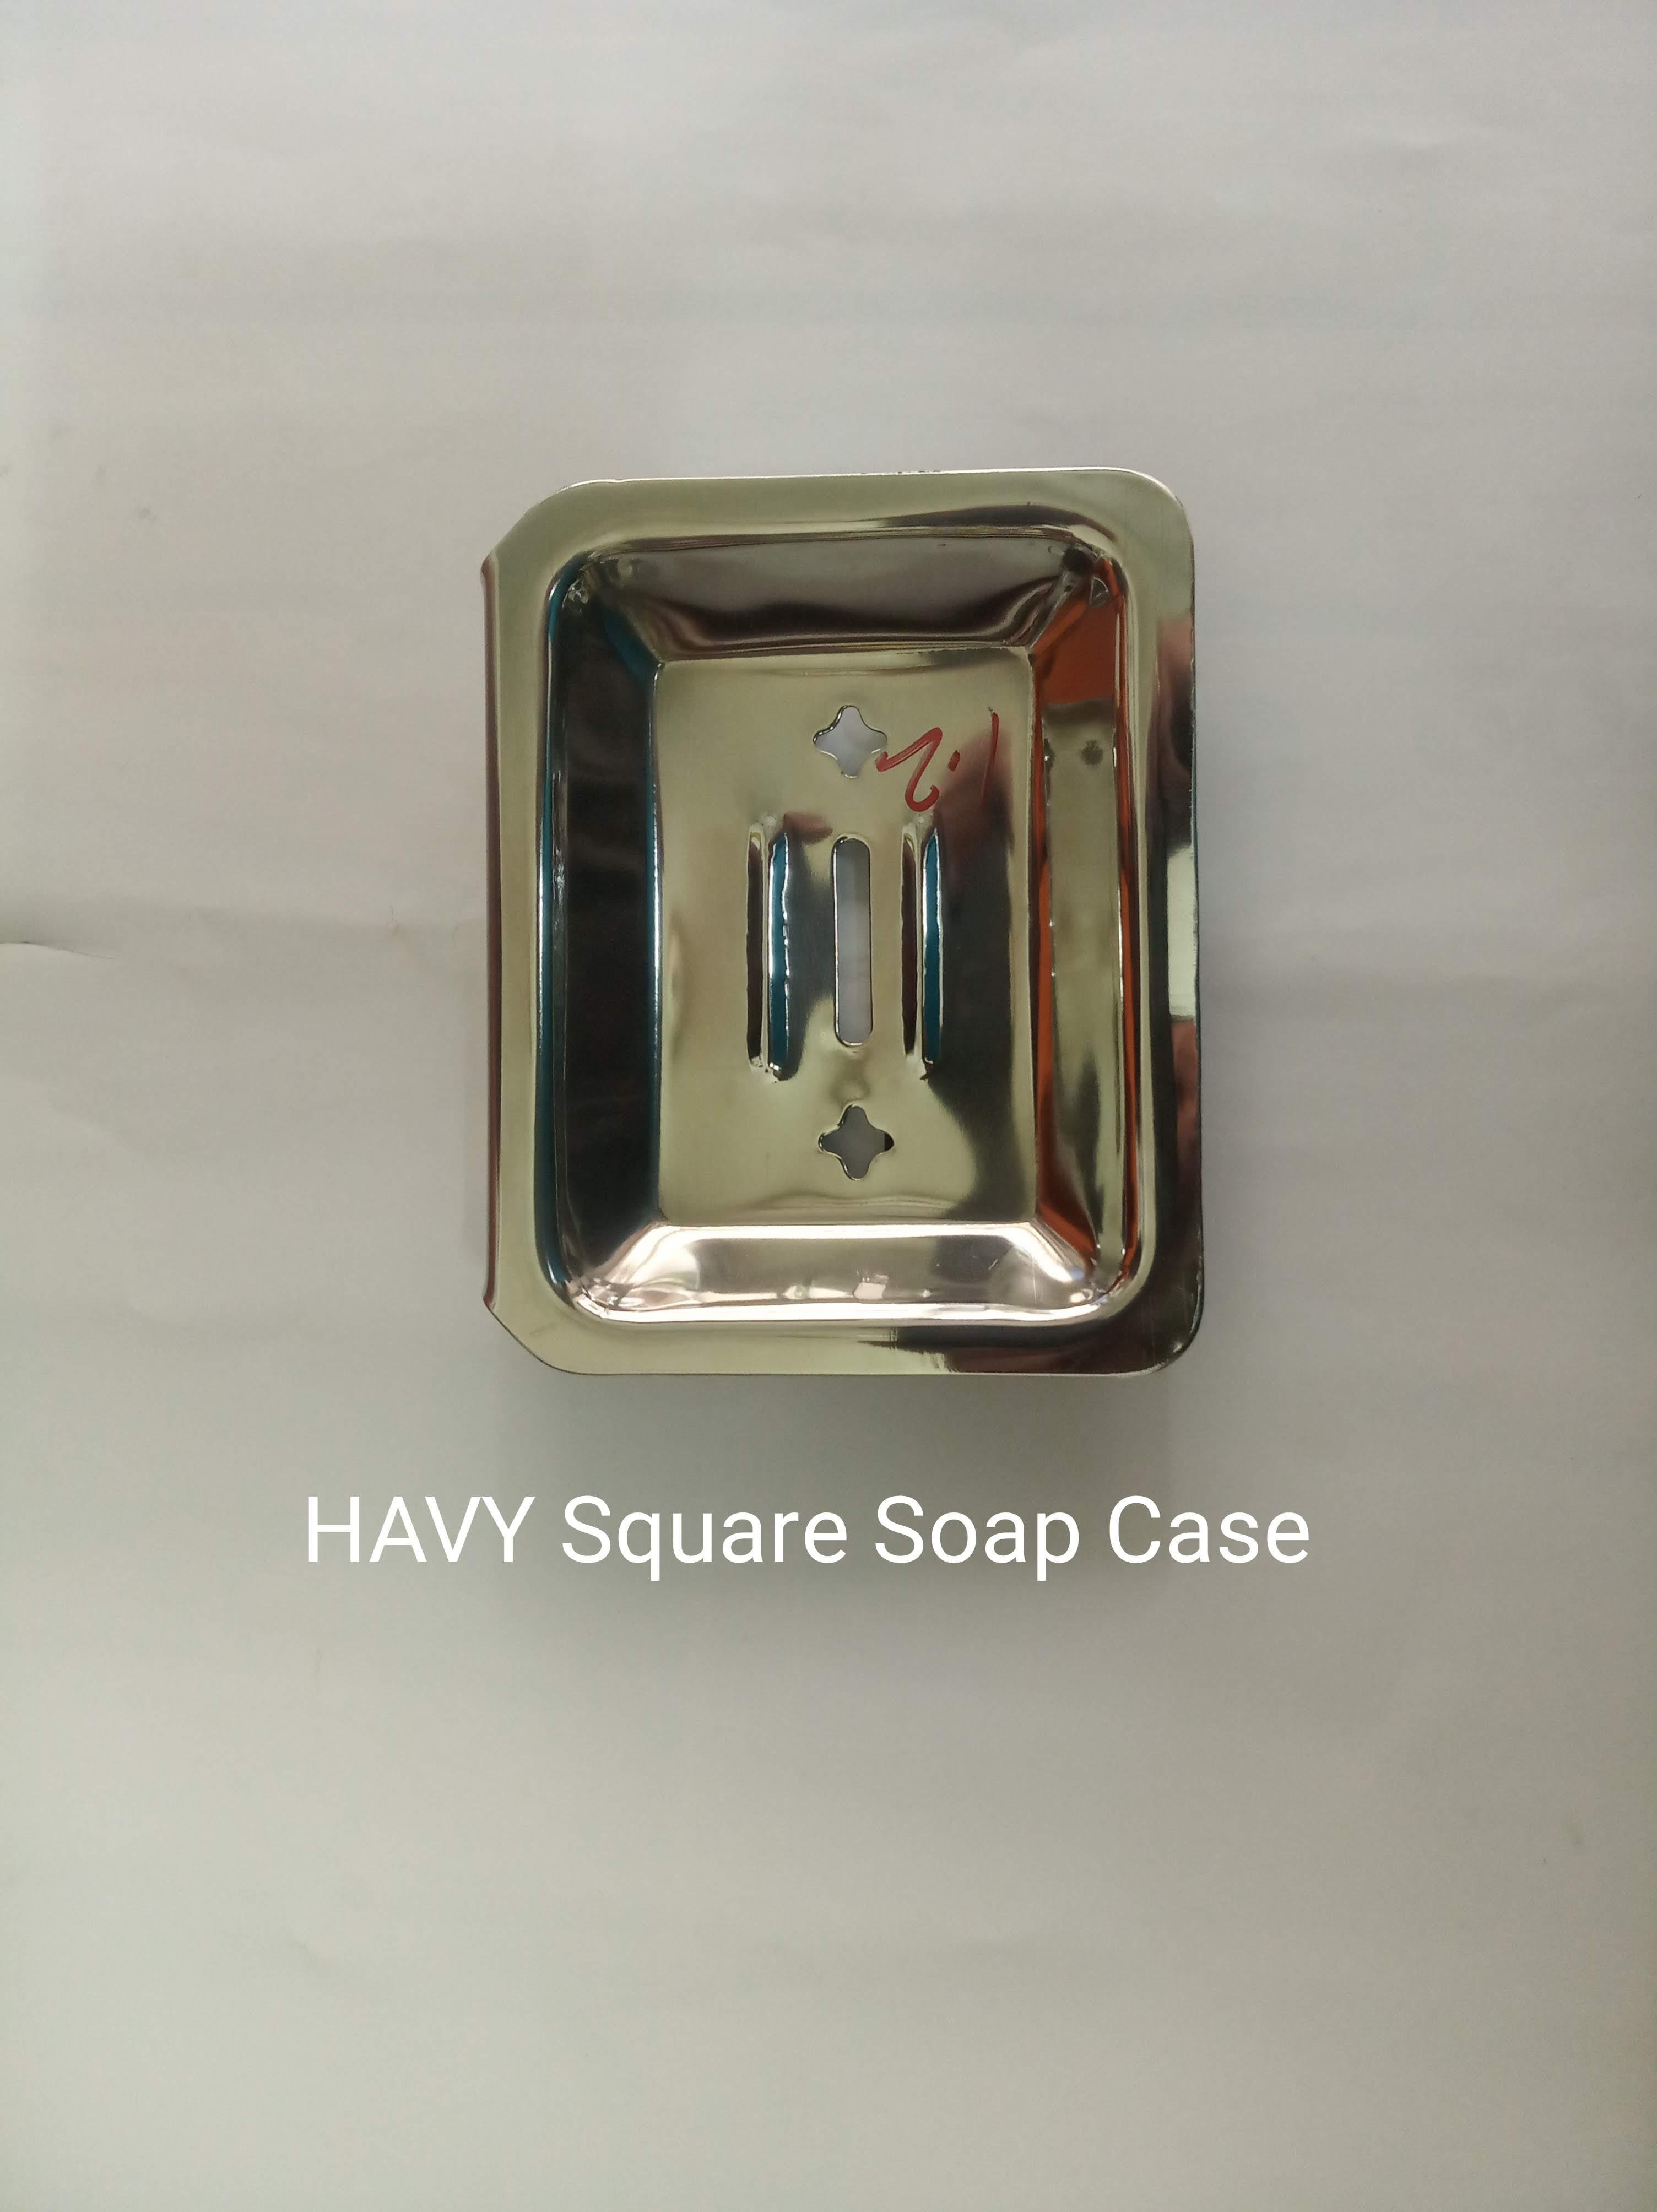 Heavy Square Soap Case